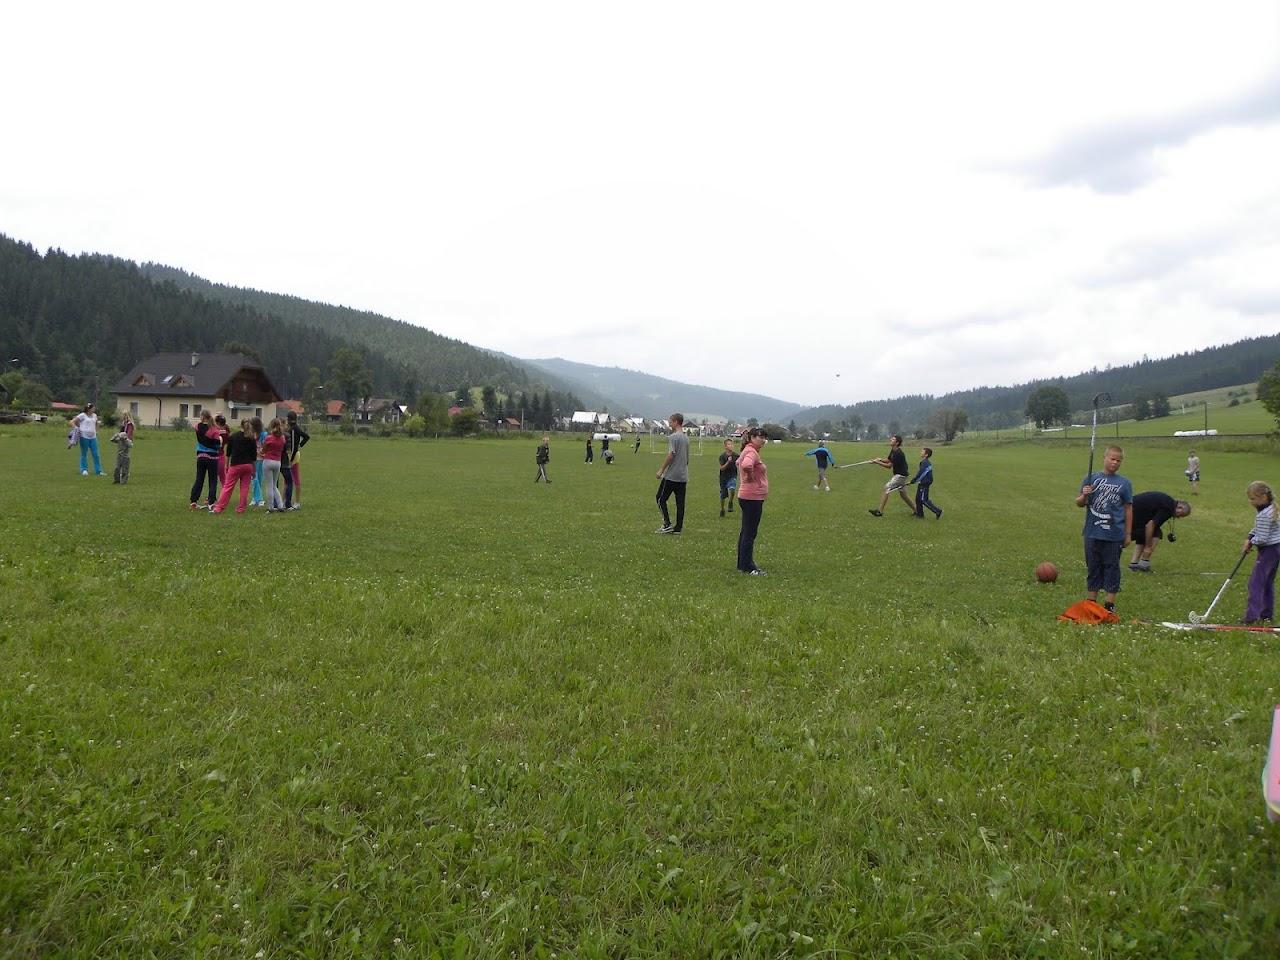 Tábor - Veľké Karlovice - fotka 529.JPG